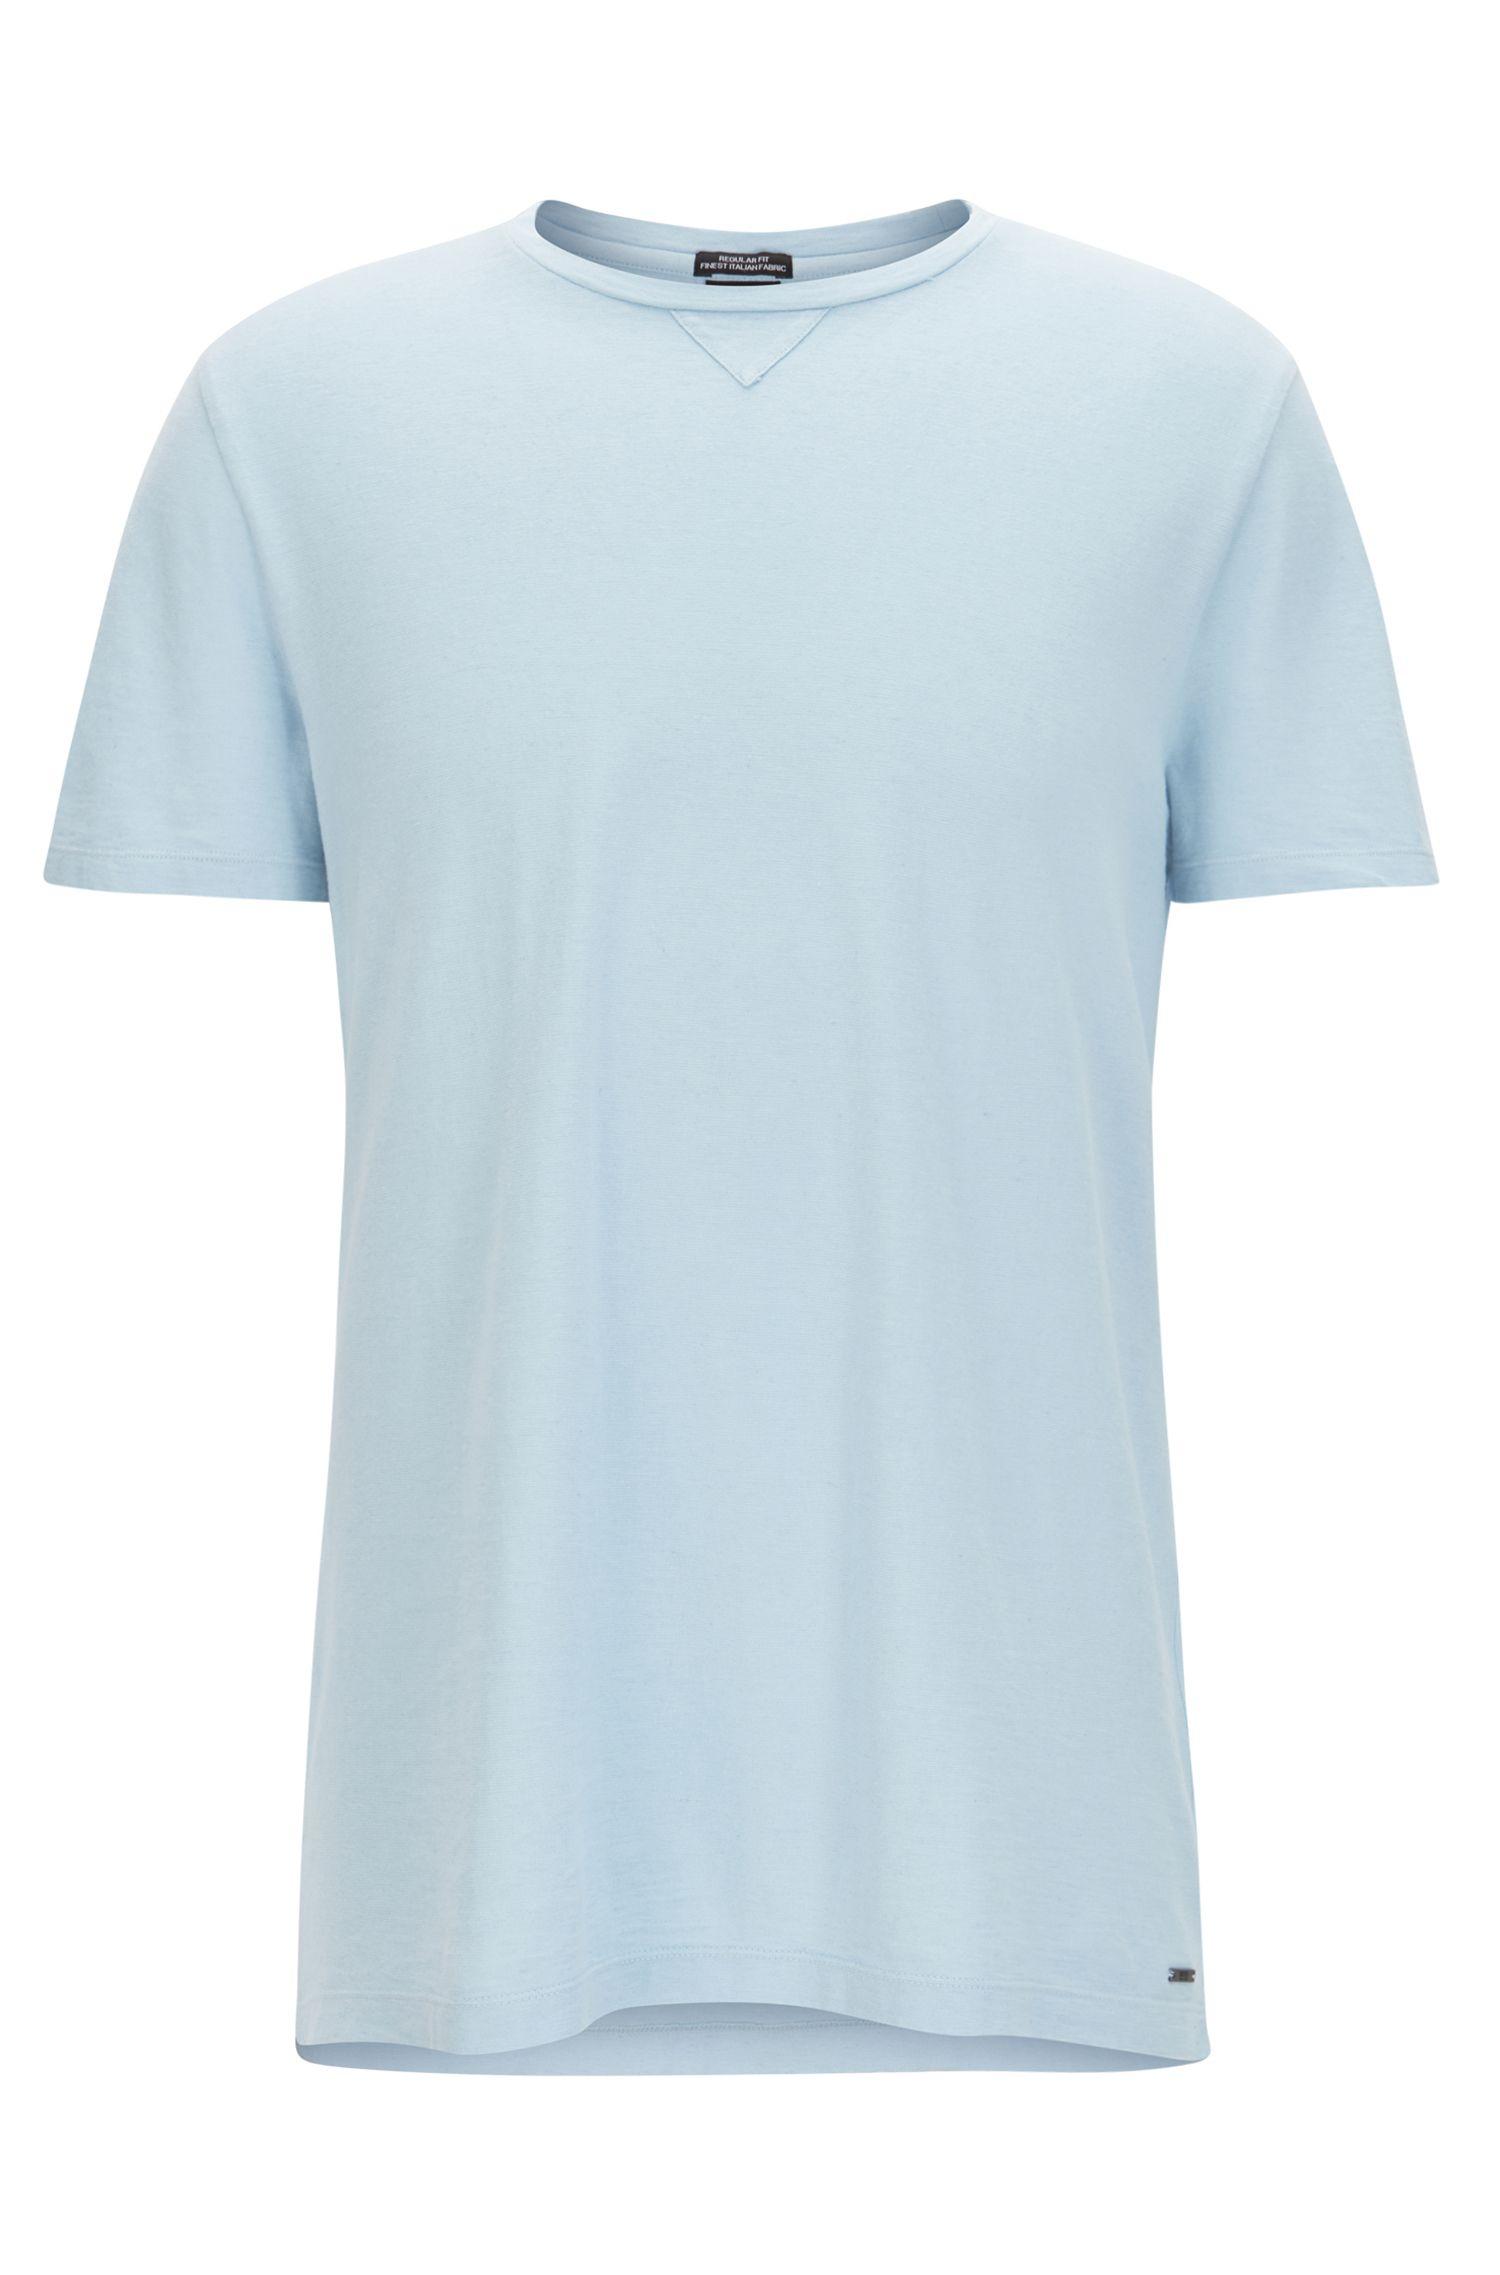 Crew-neck T-shirt in an Italian cotton blend